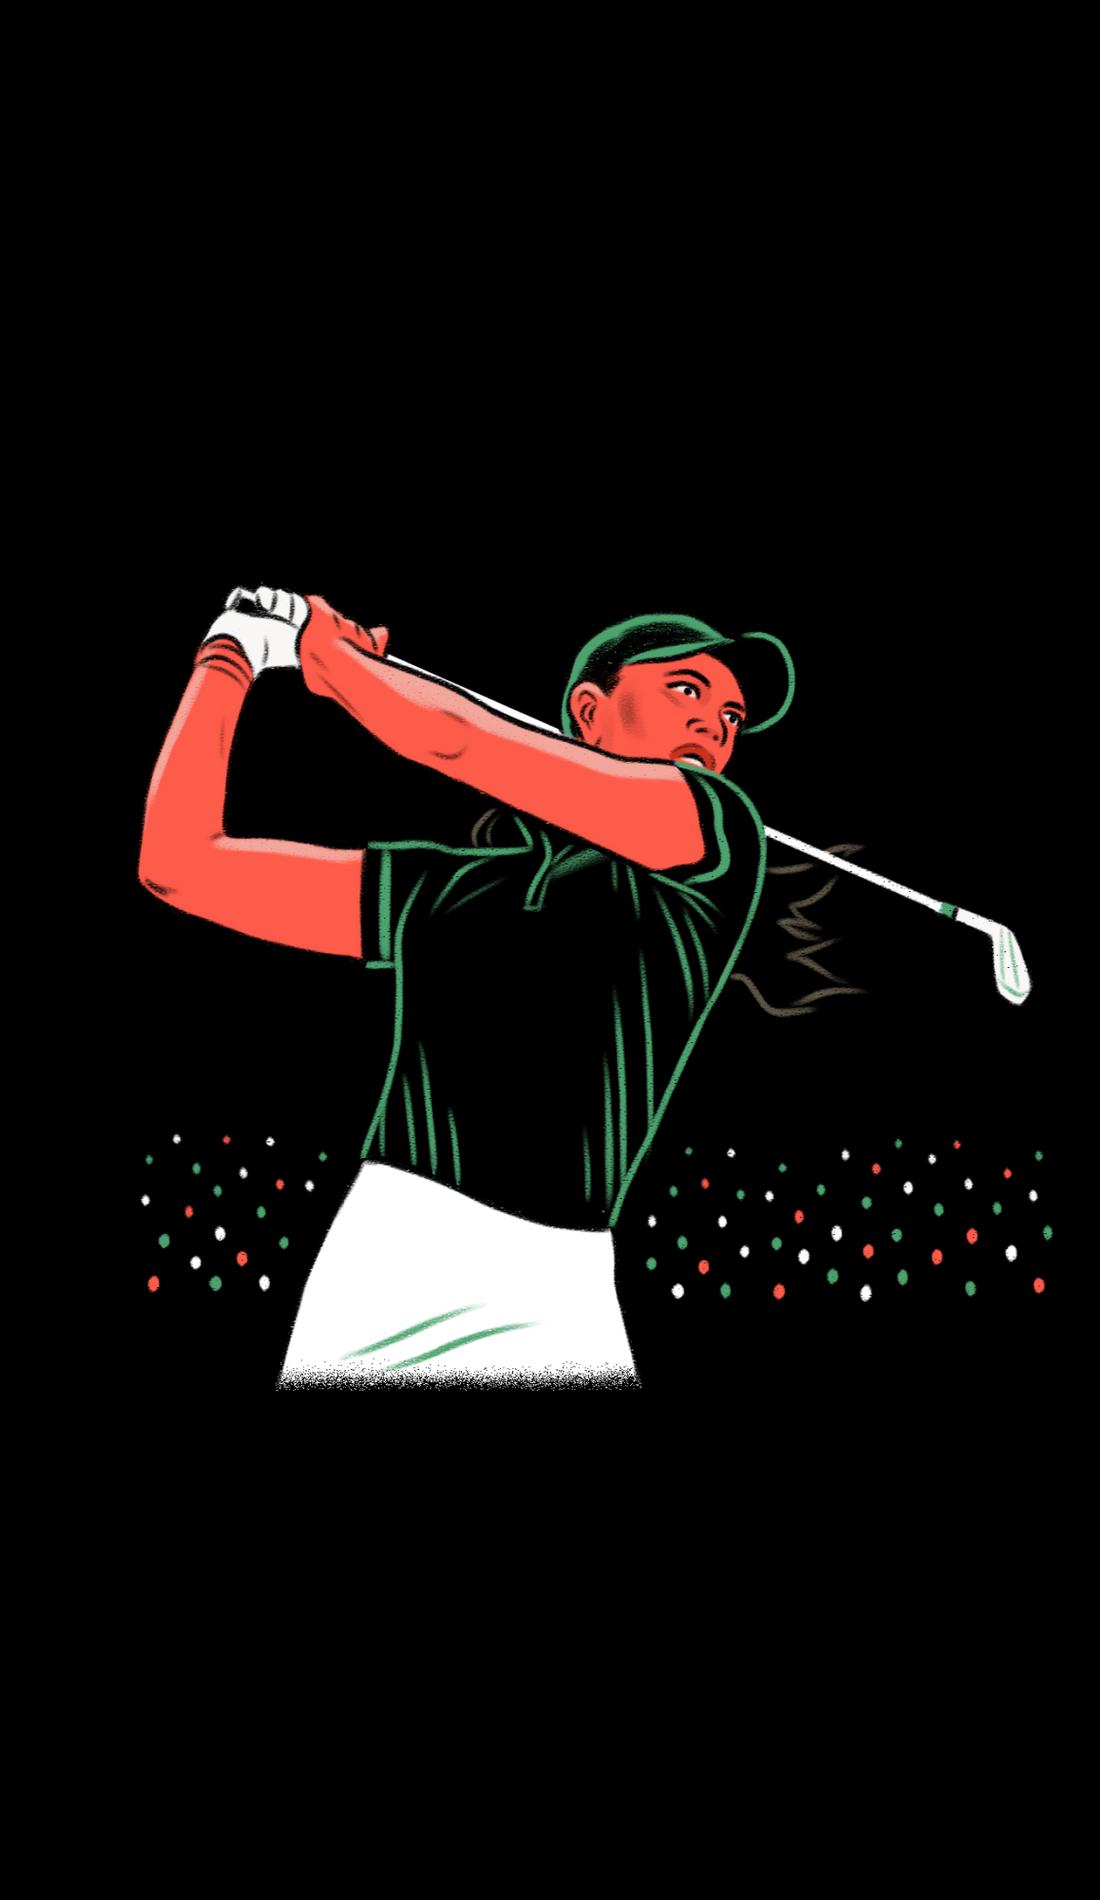 A The Memorial Tournament live event